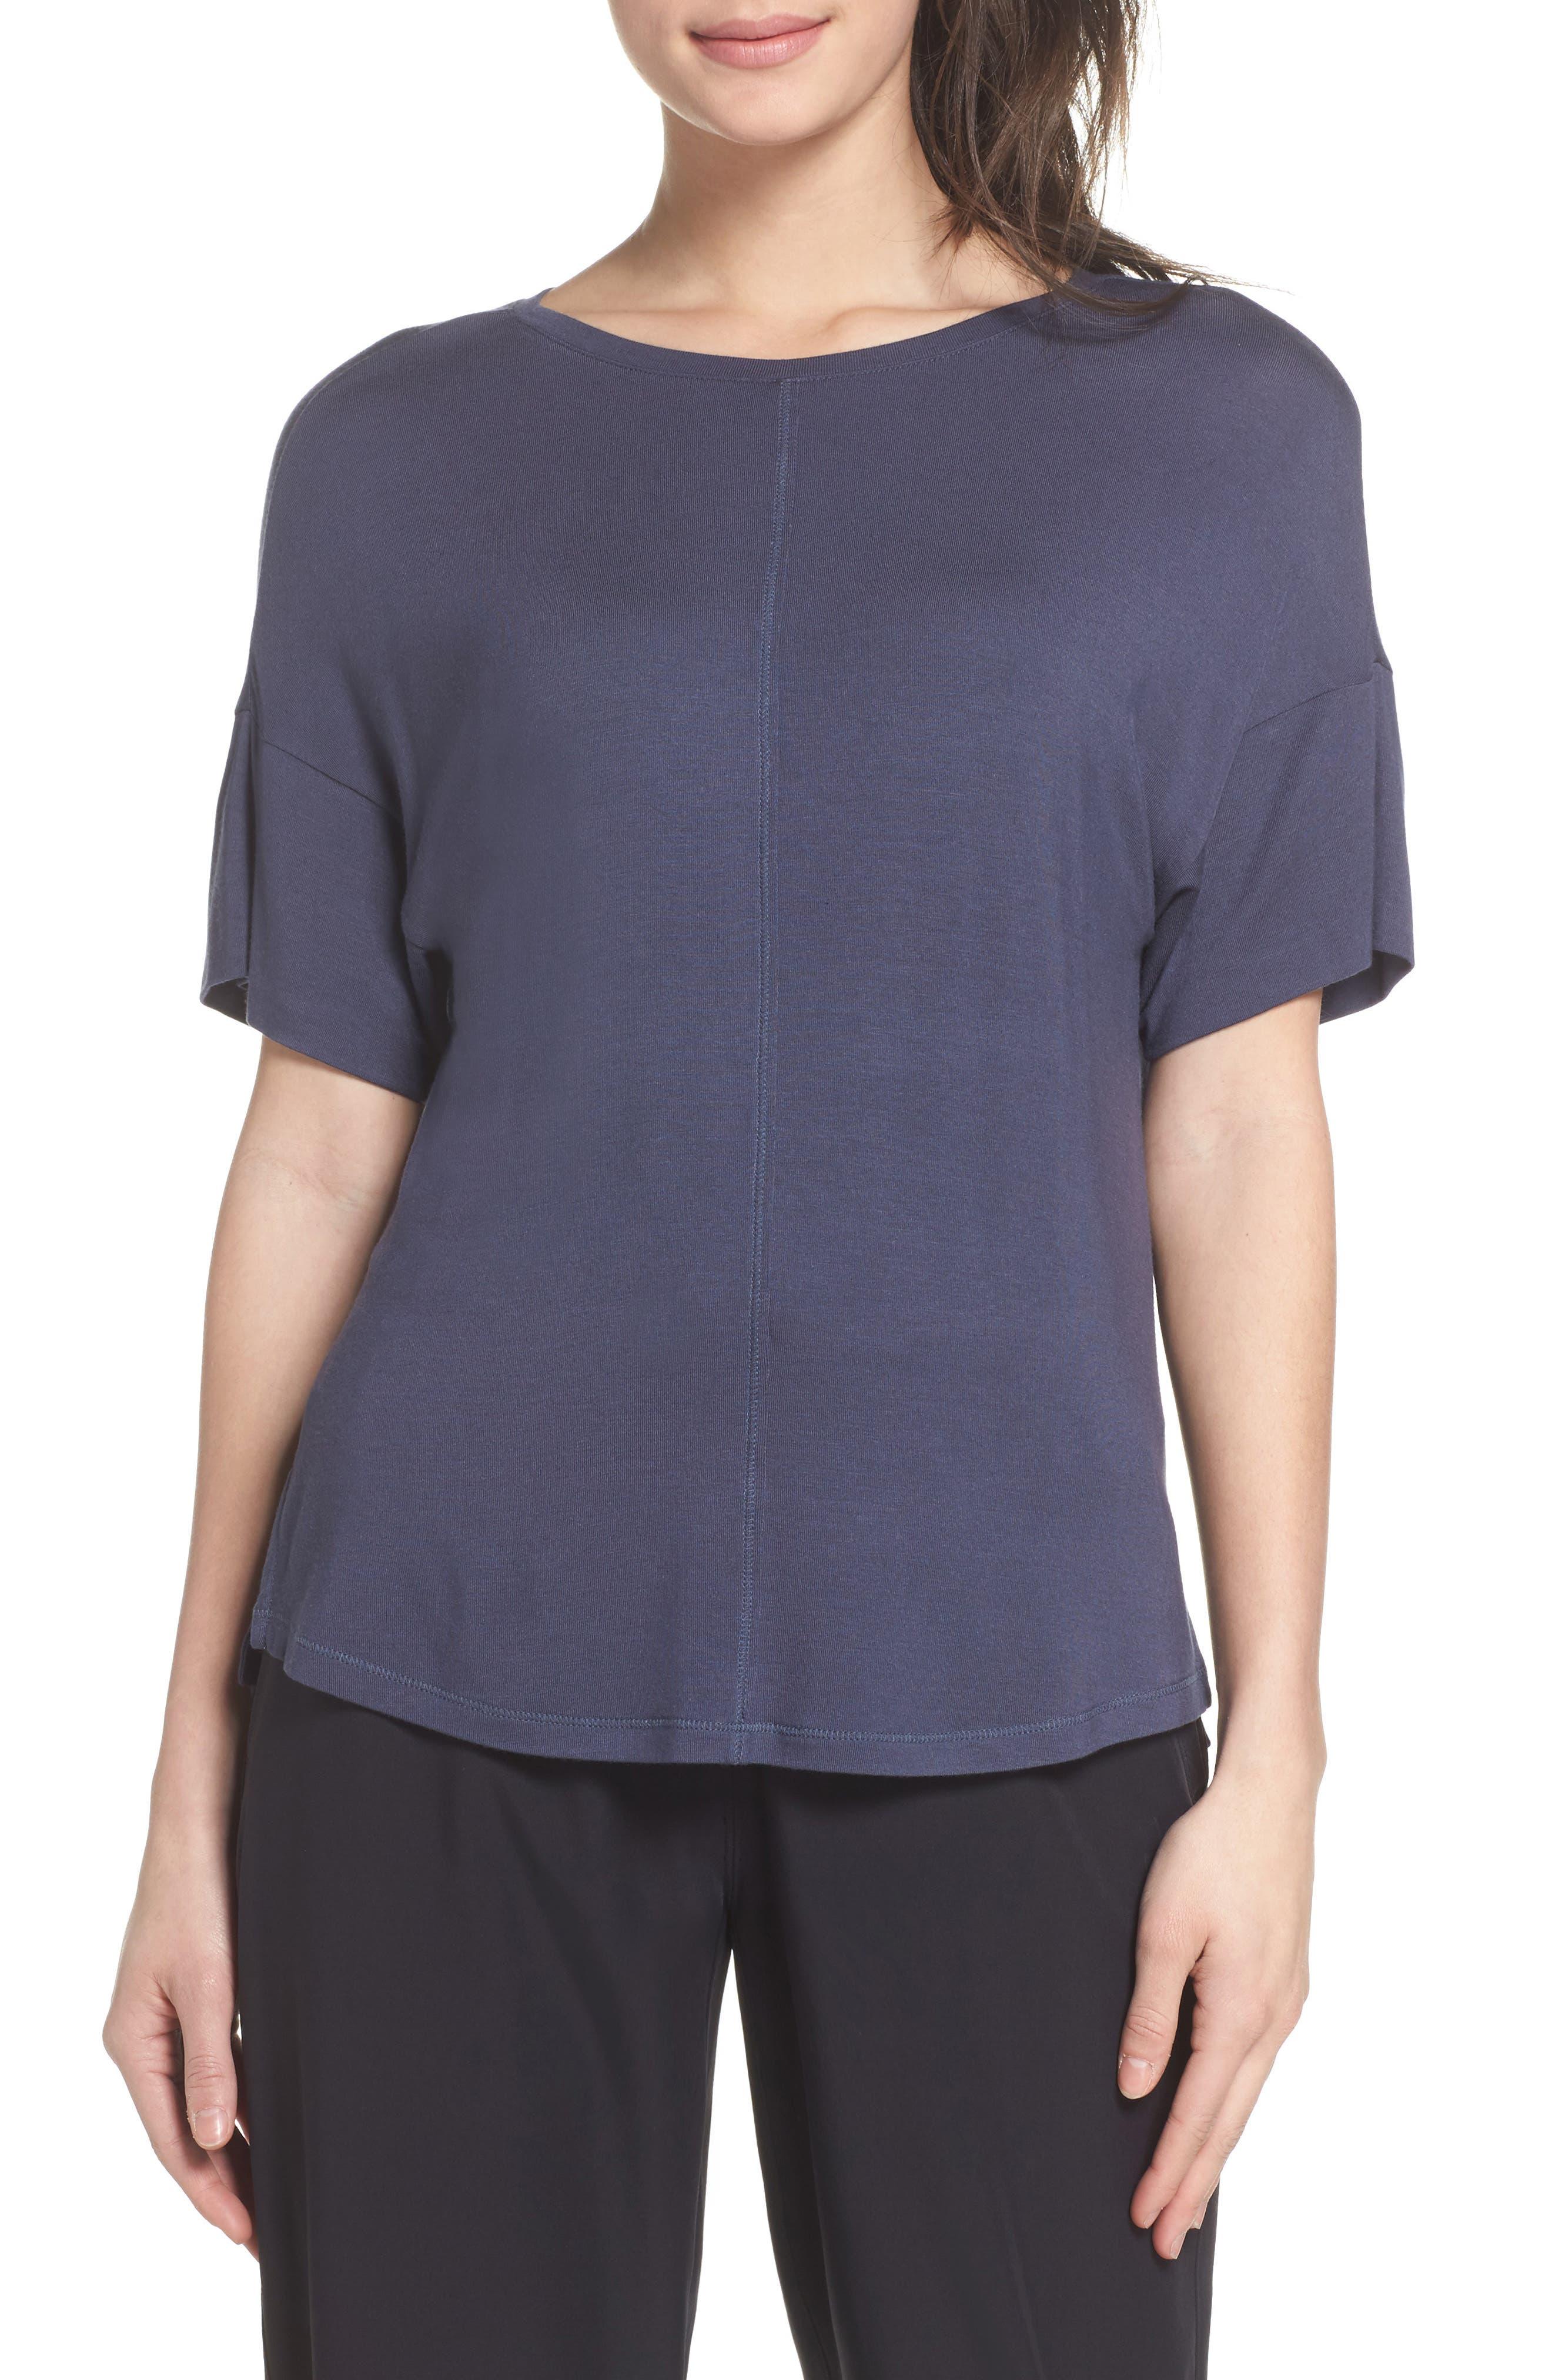 ZELLA,                             New Energy T-Shirt,                             Main thumbnail 1, color,                             GREY SLATE